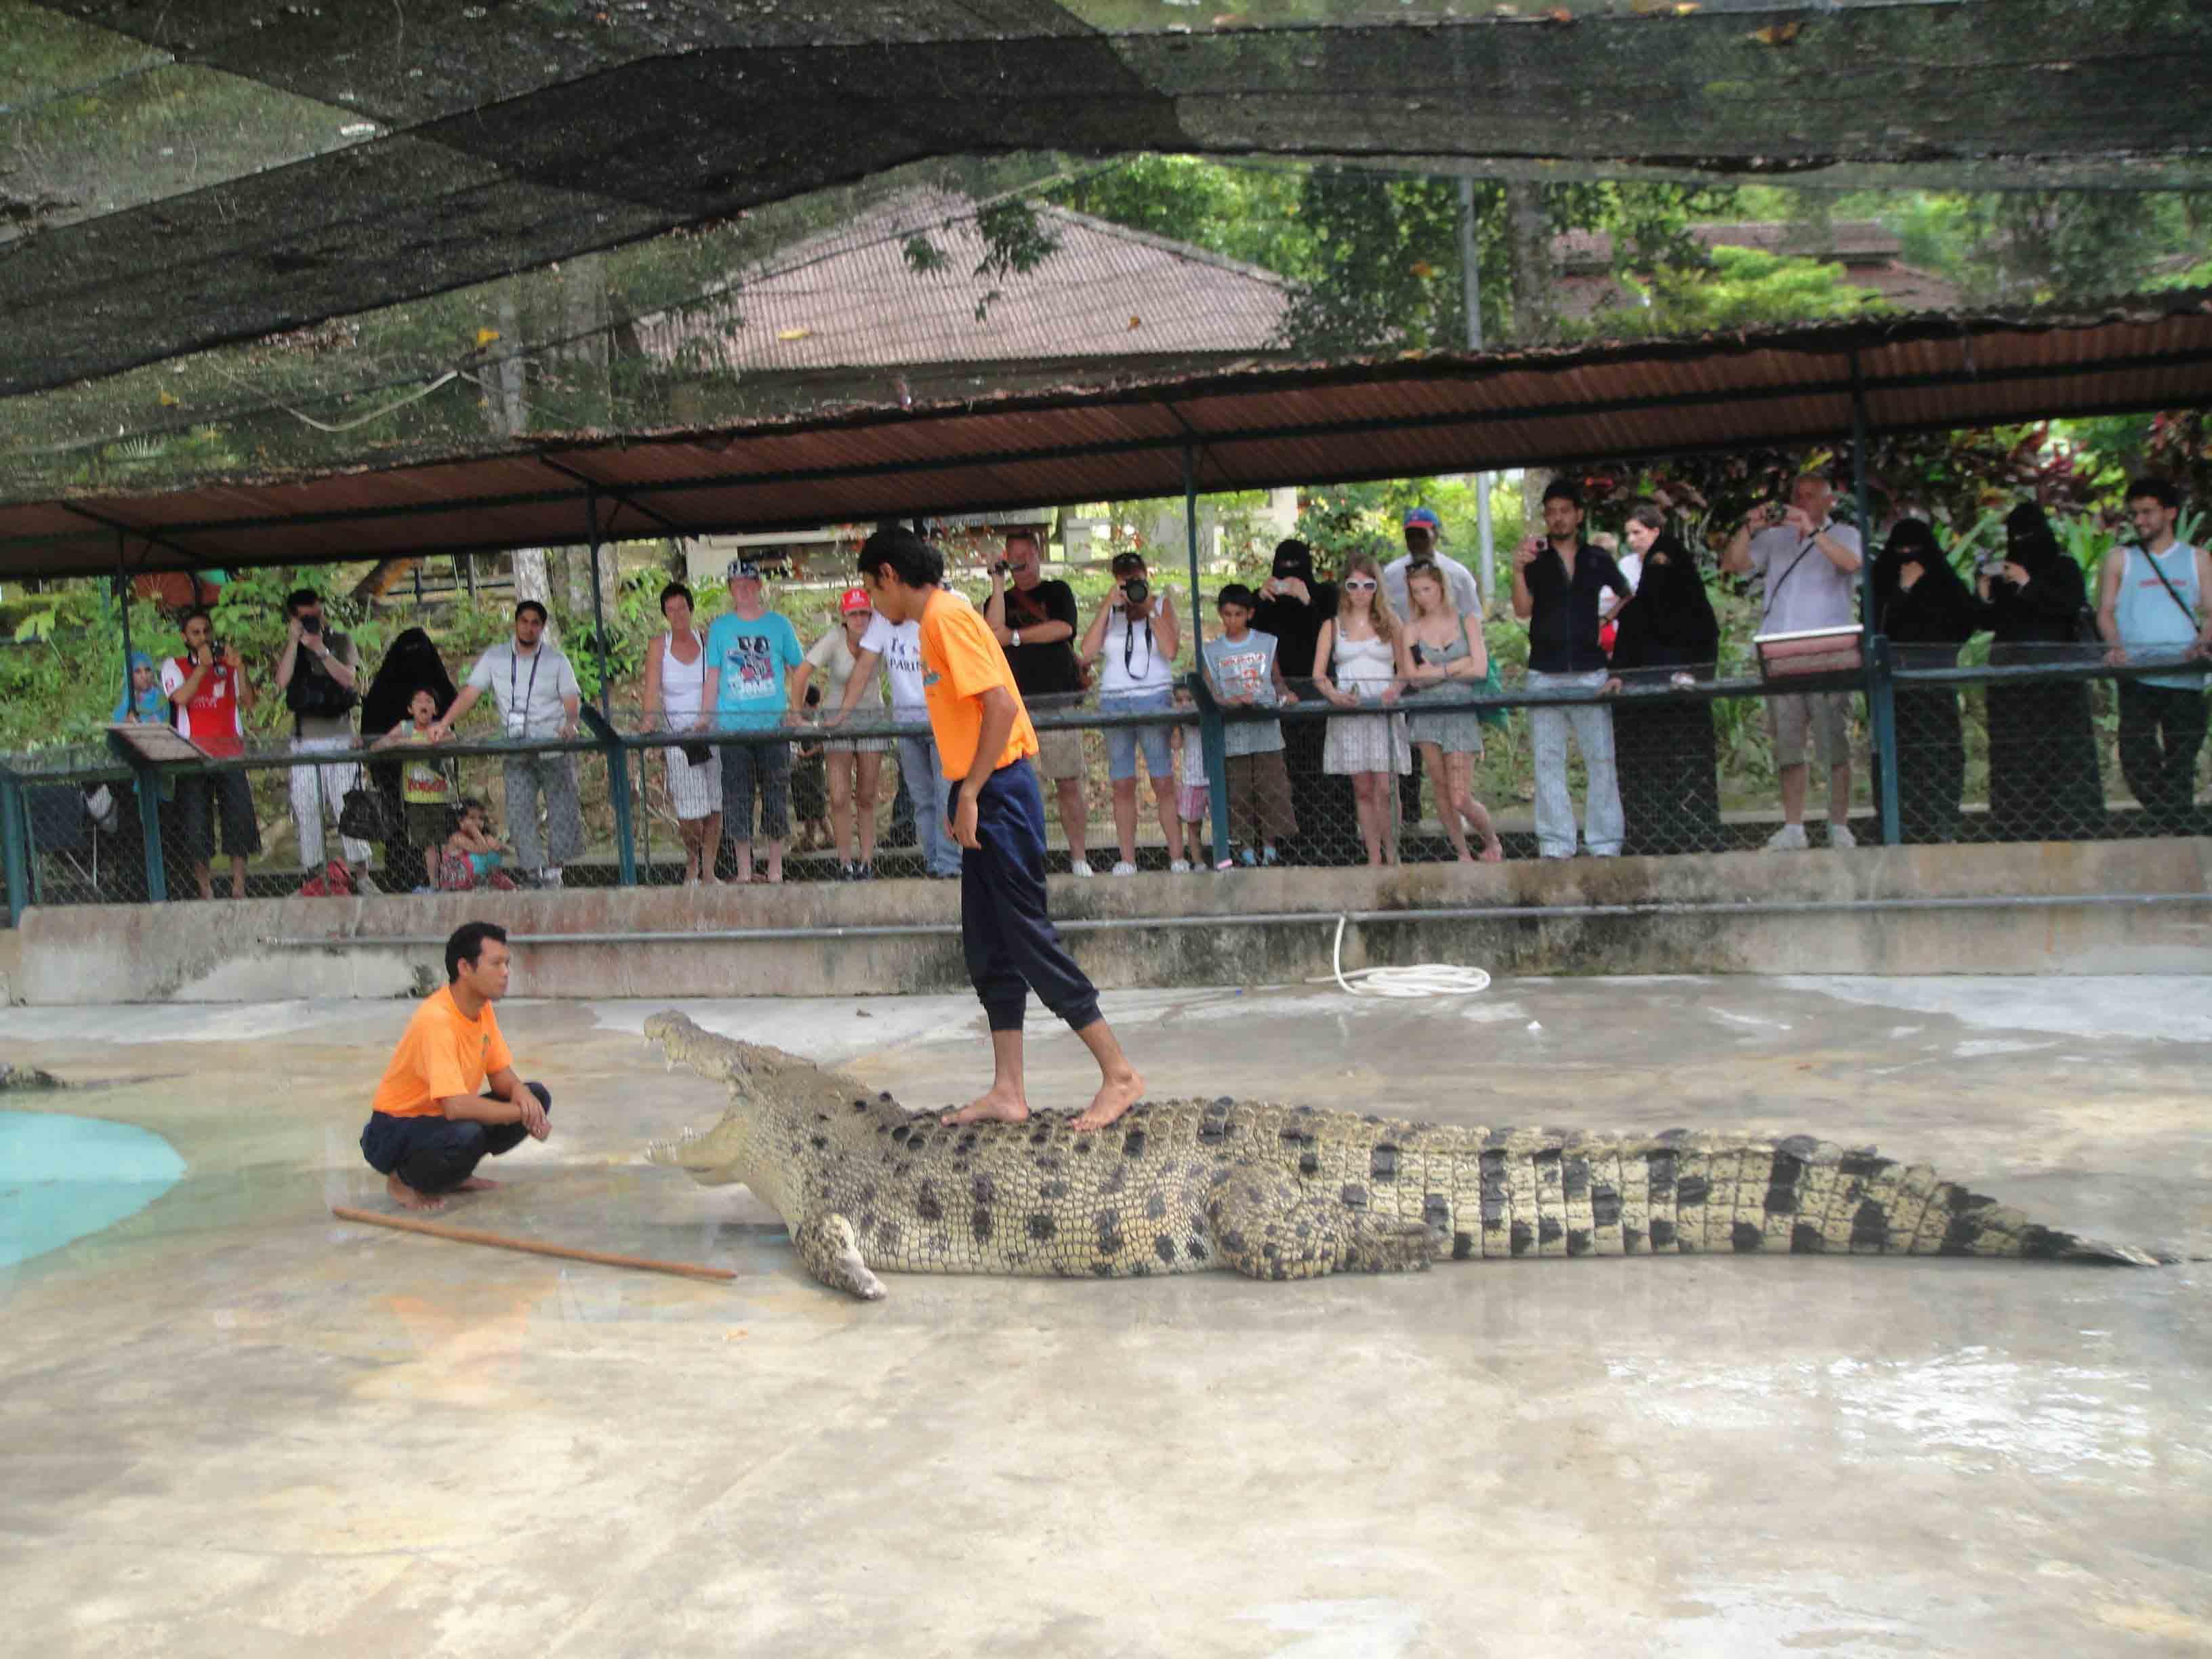 حديقة التماسيح في لنكاوي - الاماكن السياحية في لنكاوي